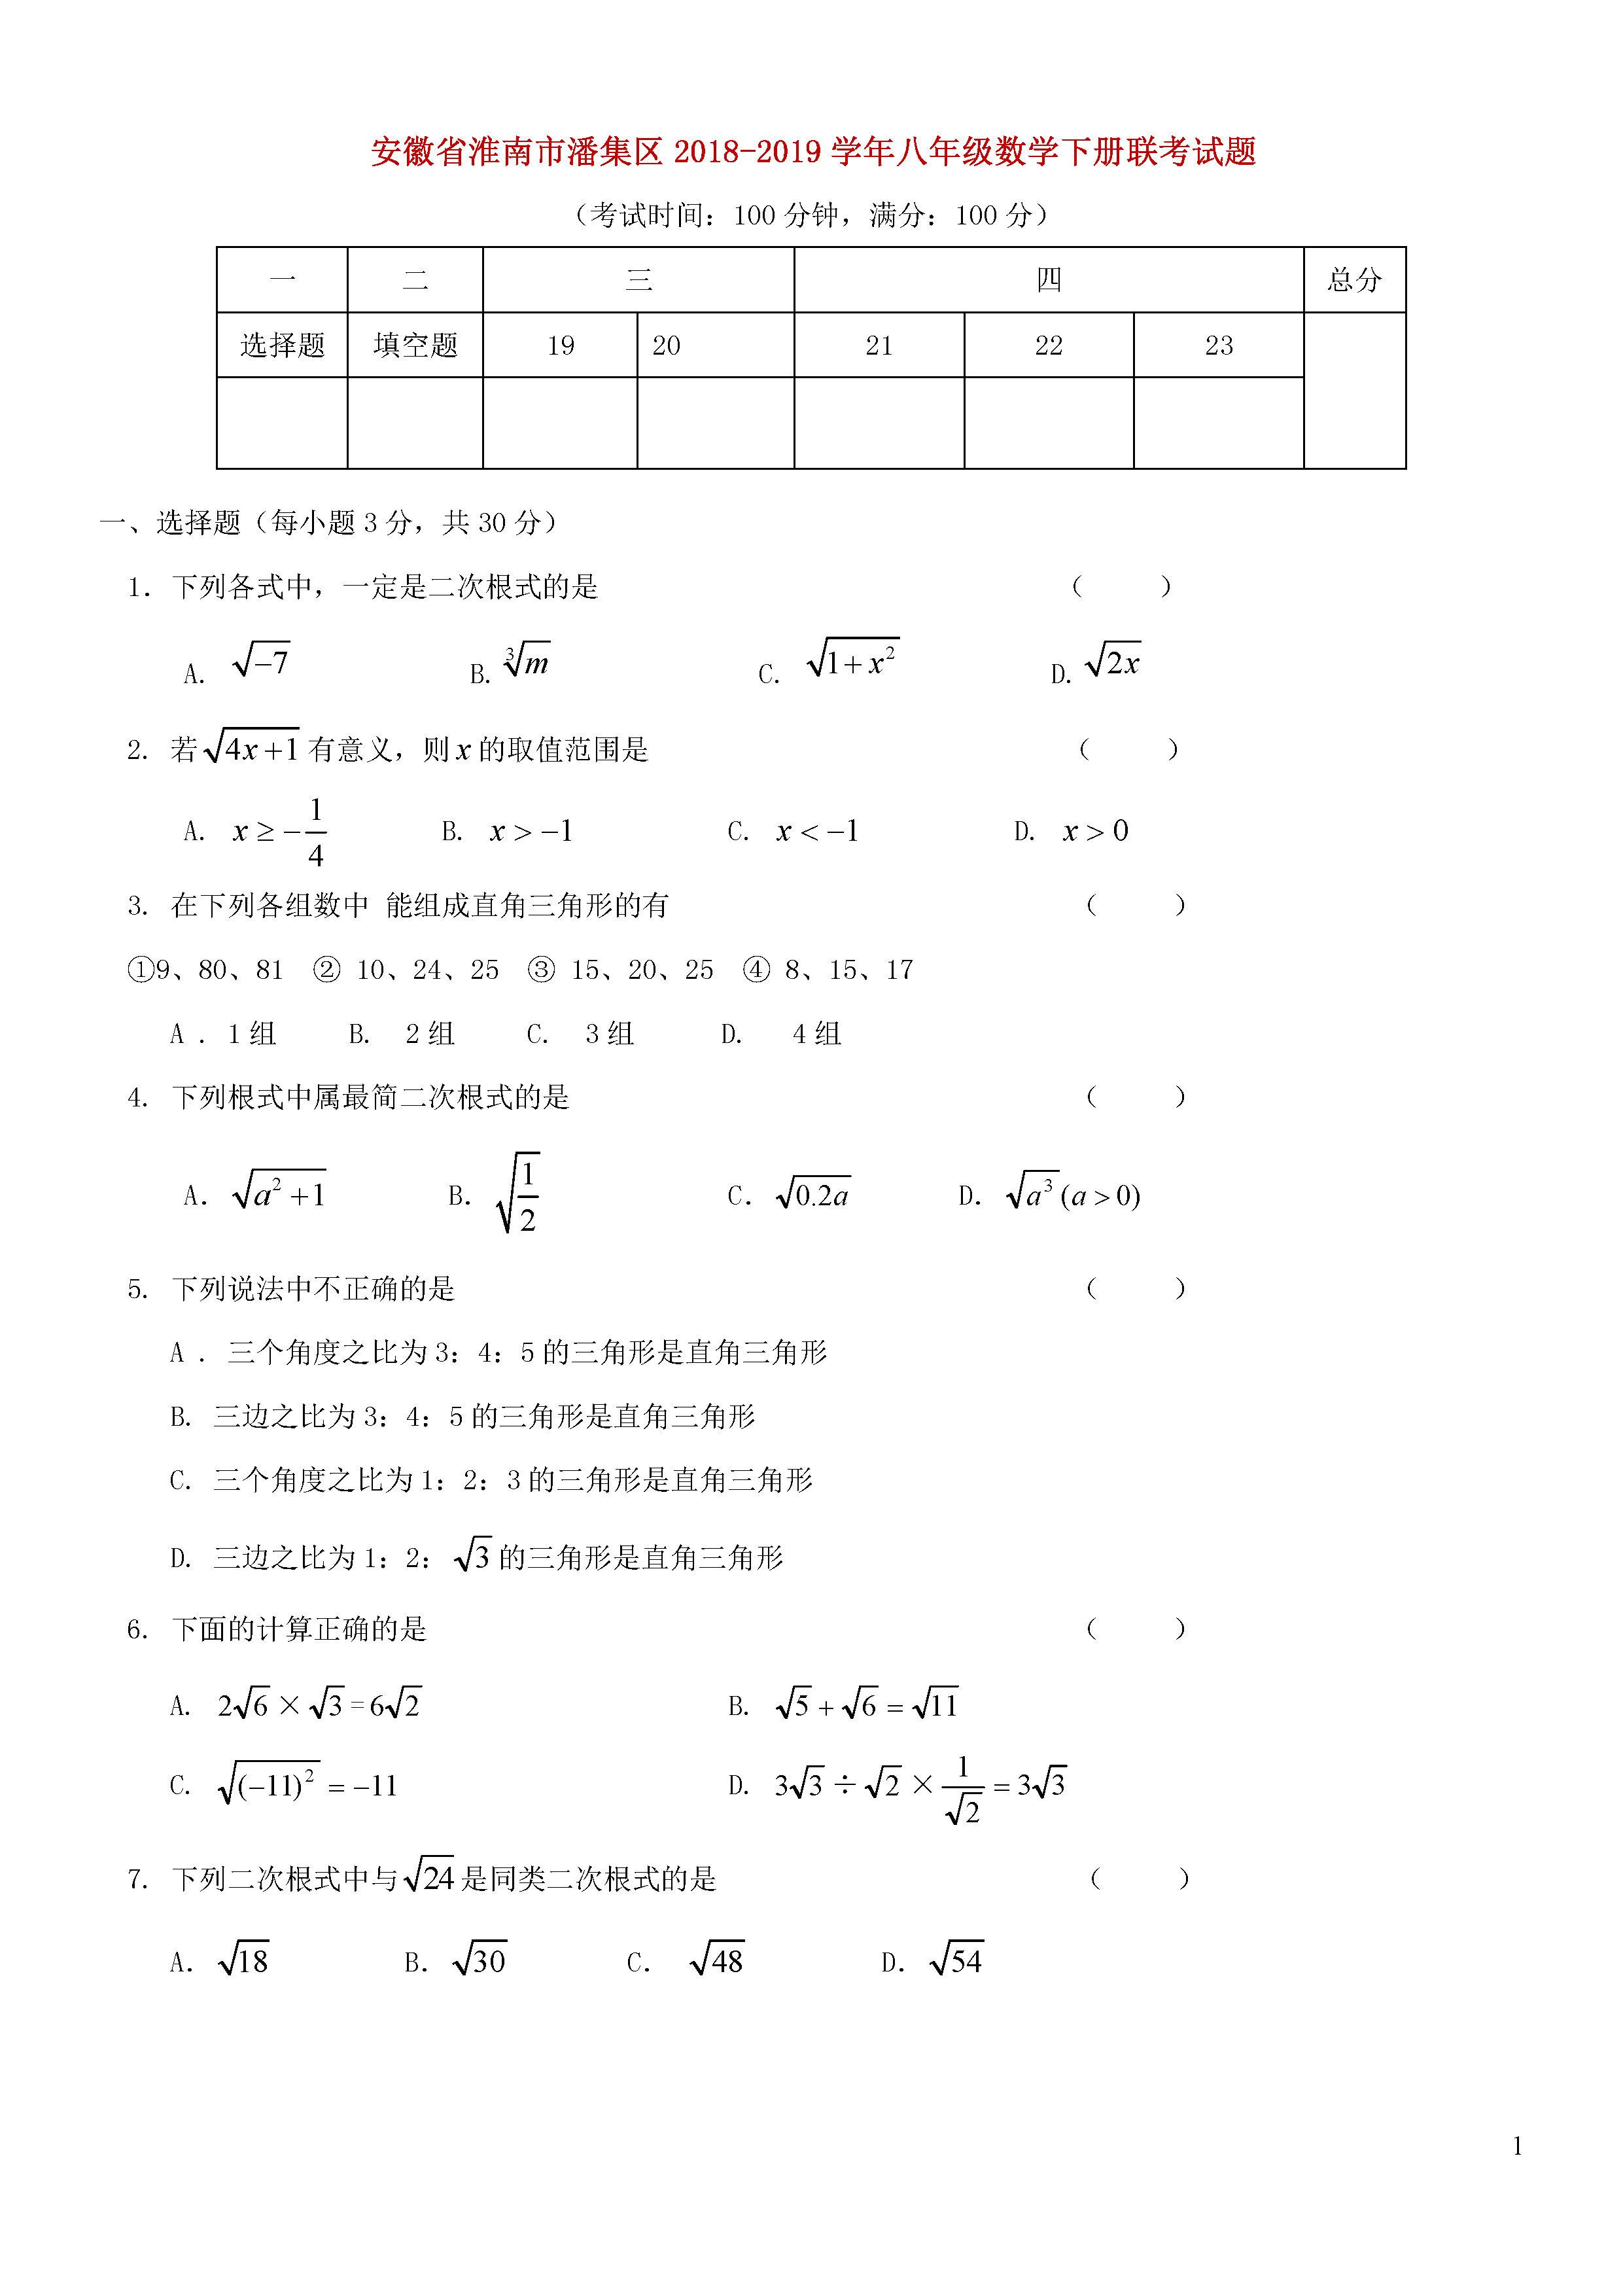 安徽淮南潘集区2018-2019八年级数学下册联考测试题及答案